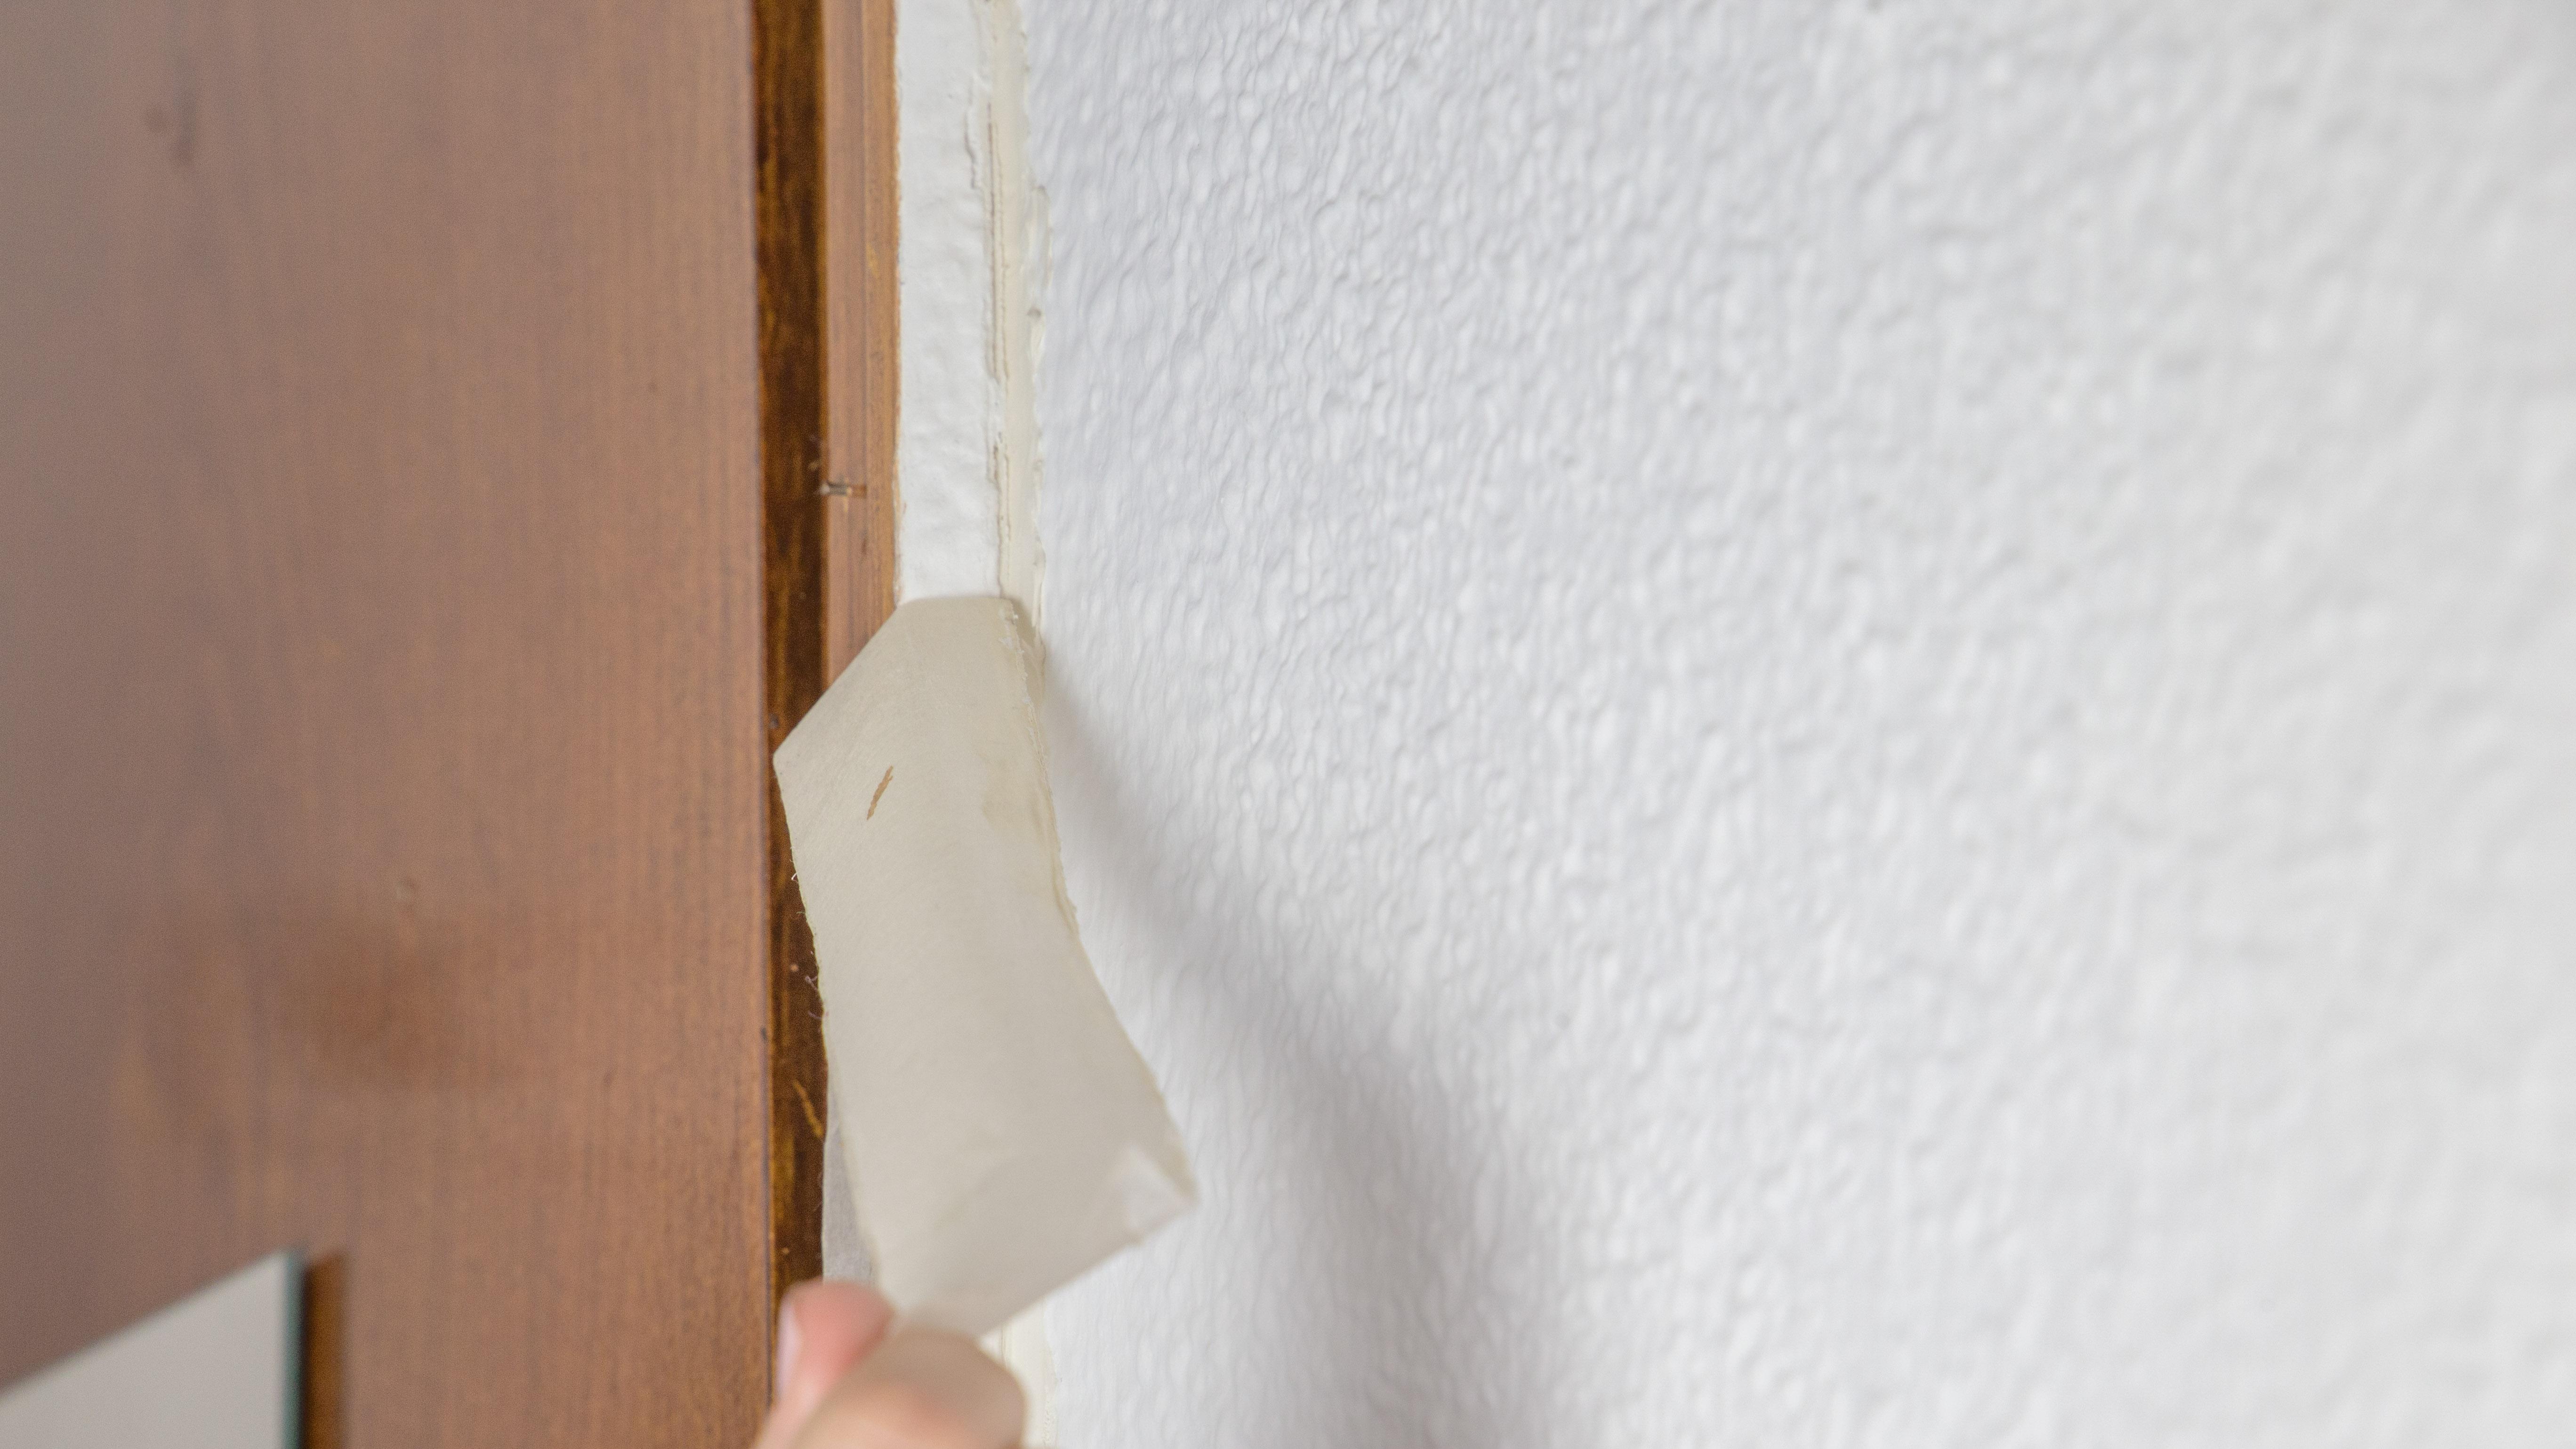 Cómo reparar grietas en el marco de la puerta? - Ceys